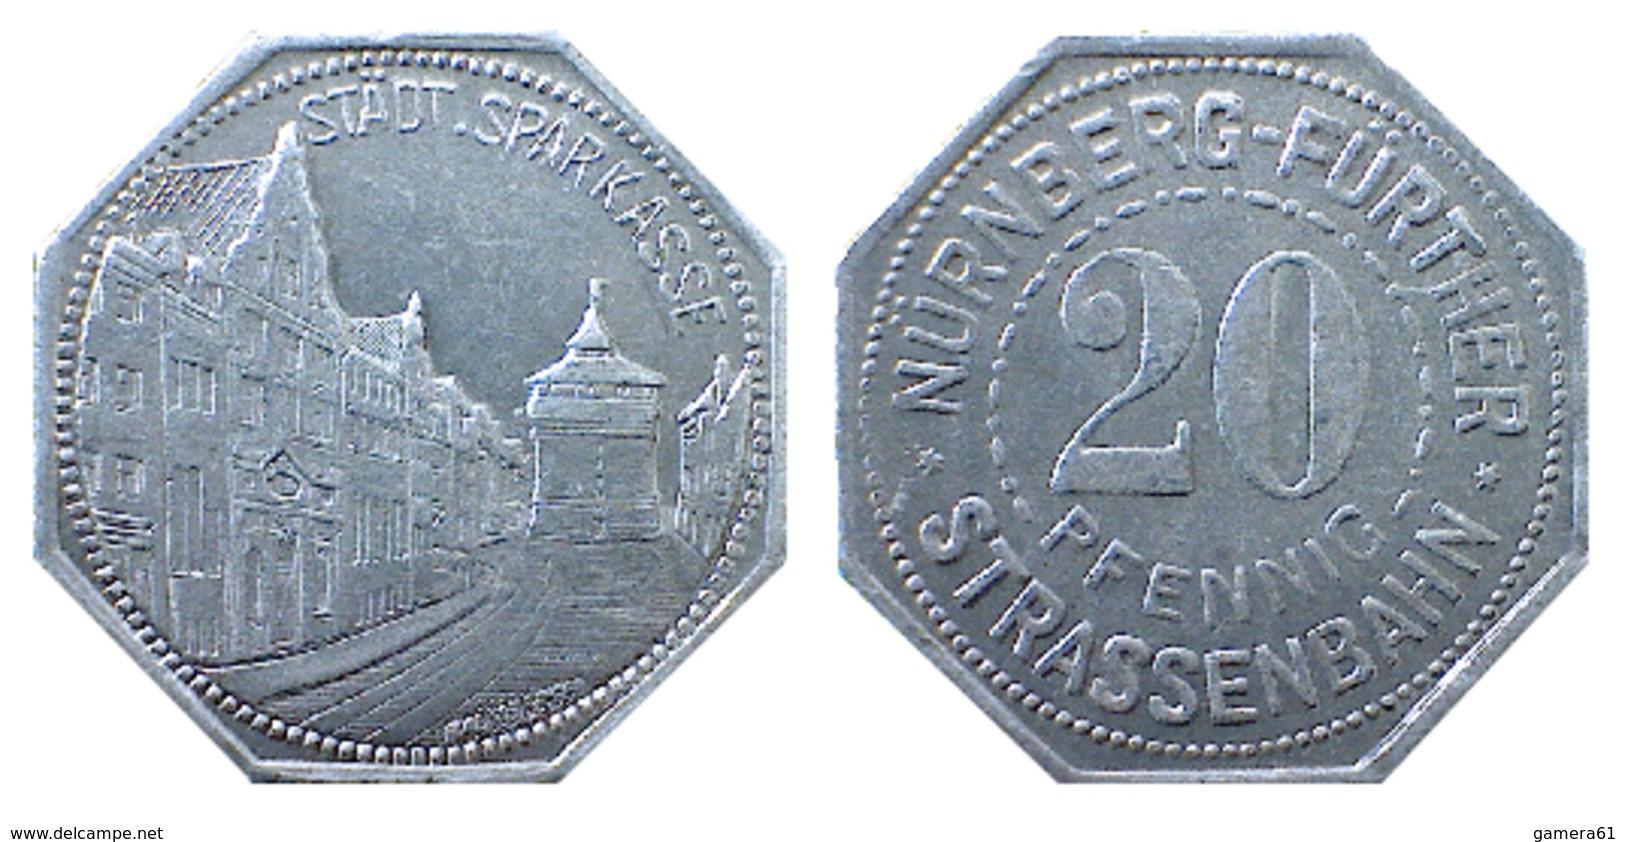 03908 GETTONE TOKEN JETON TRASPORTO TRANSIT STADT. SPARKASSE NURNBERG FURTHER STRASSENBAHN 20 PFENNIG - Allemagne